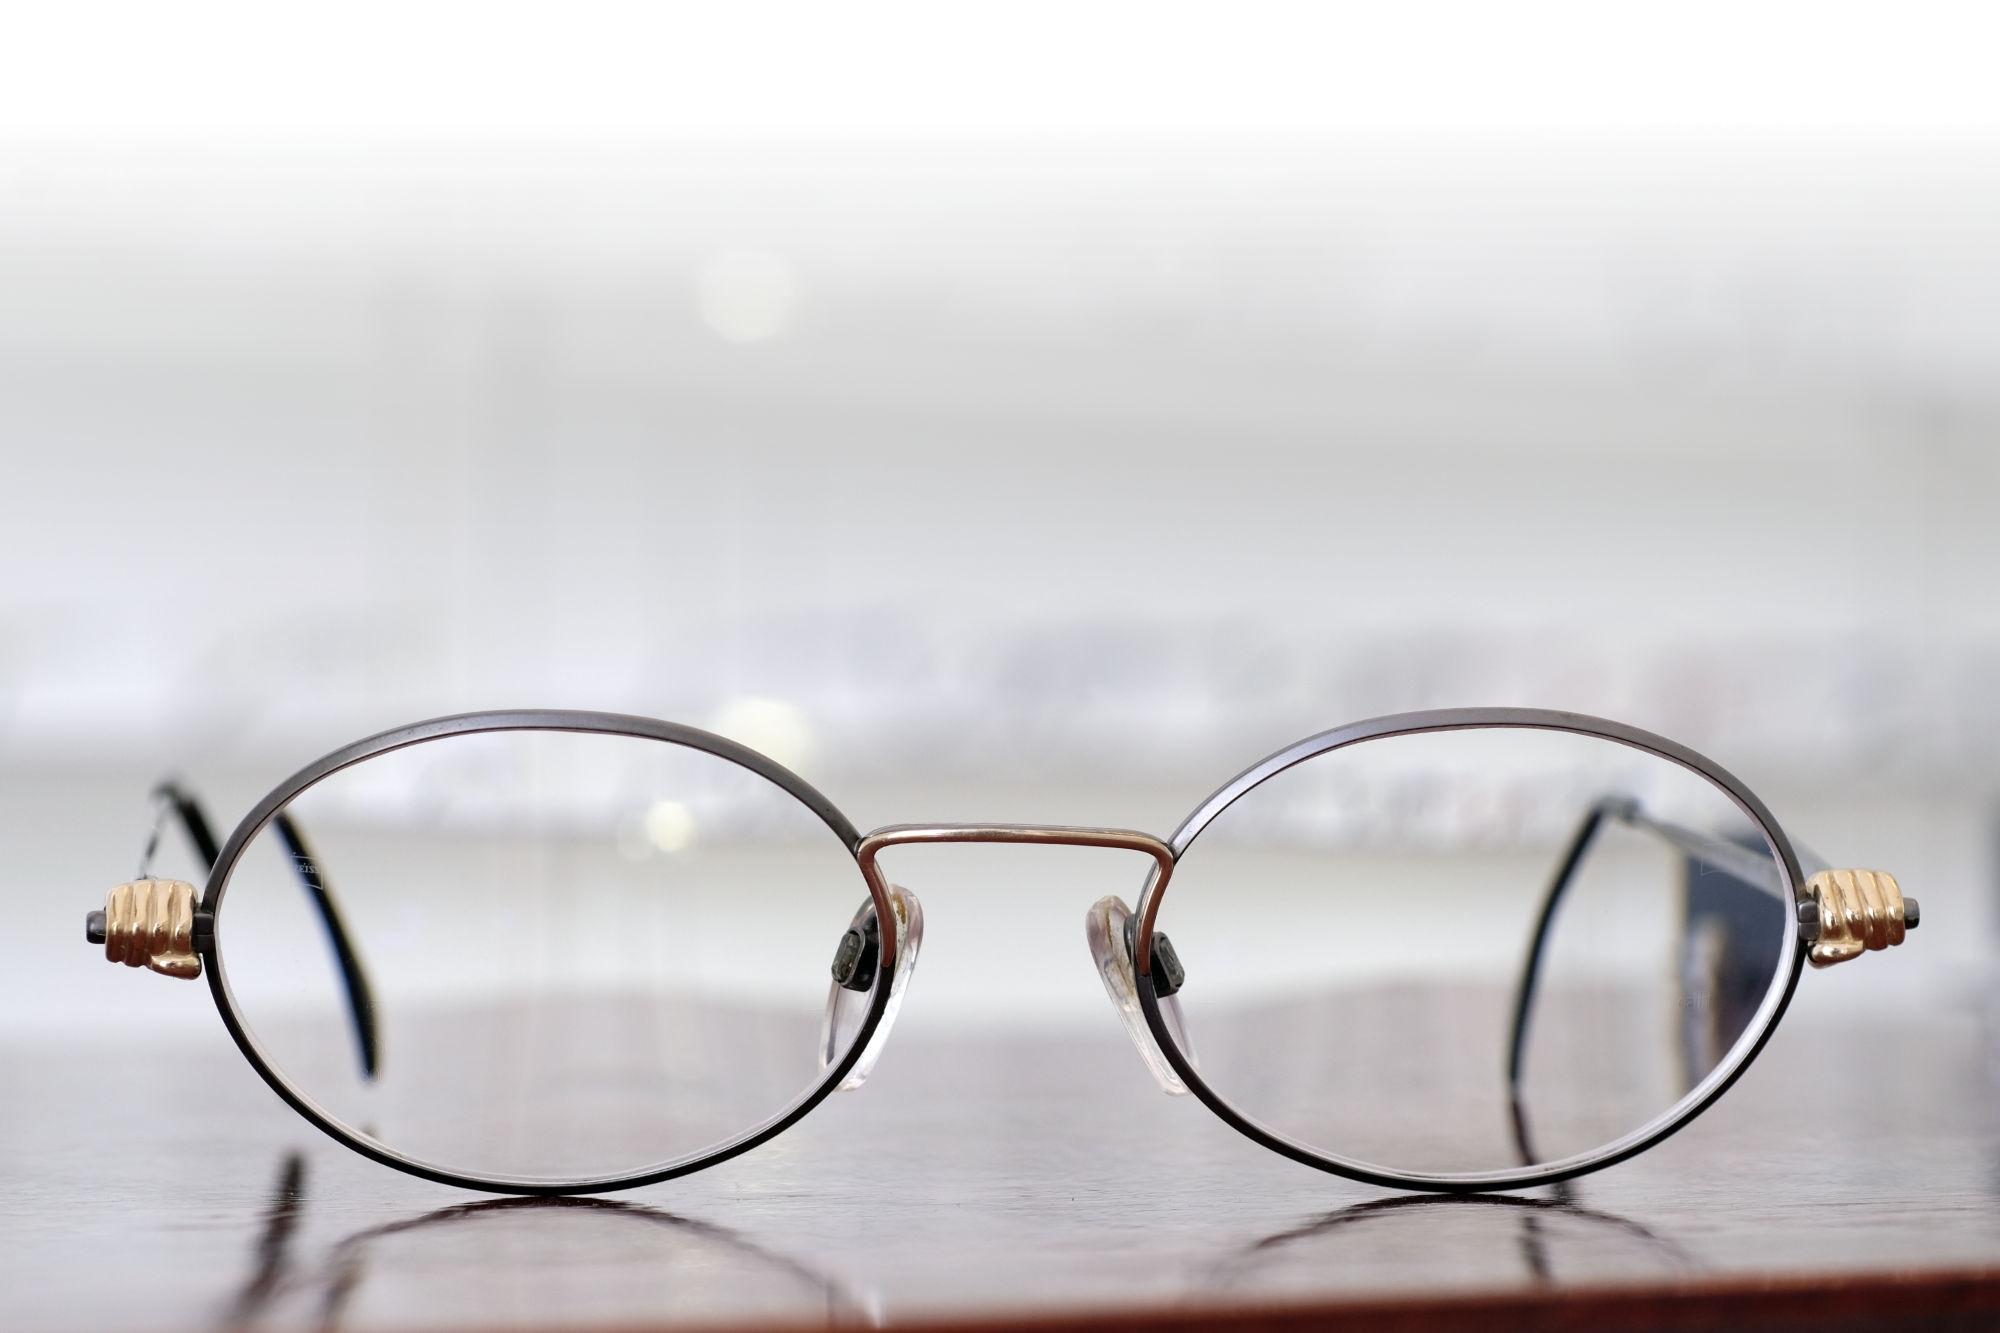 Verglasung von Vintage-Brillen, hier am Beispiel einer alten Silhouette-Brille mit Sonnenclip